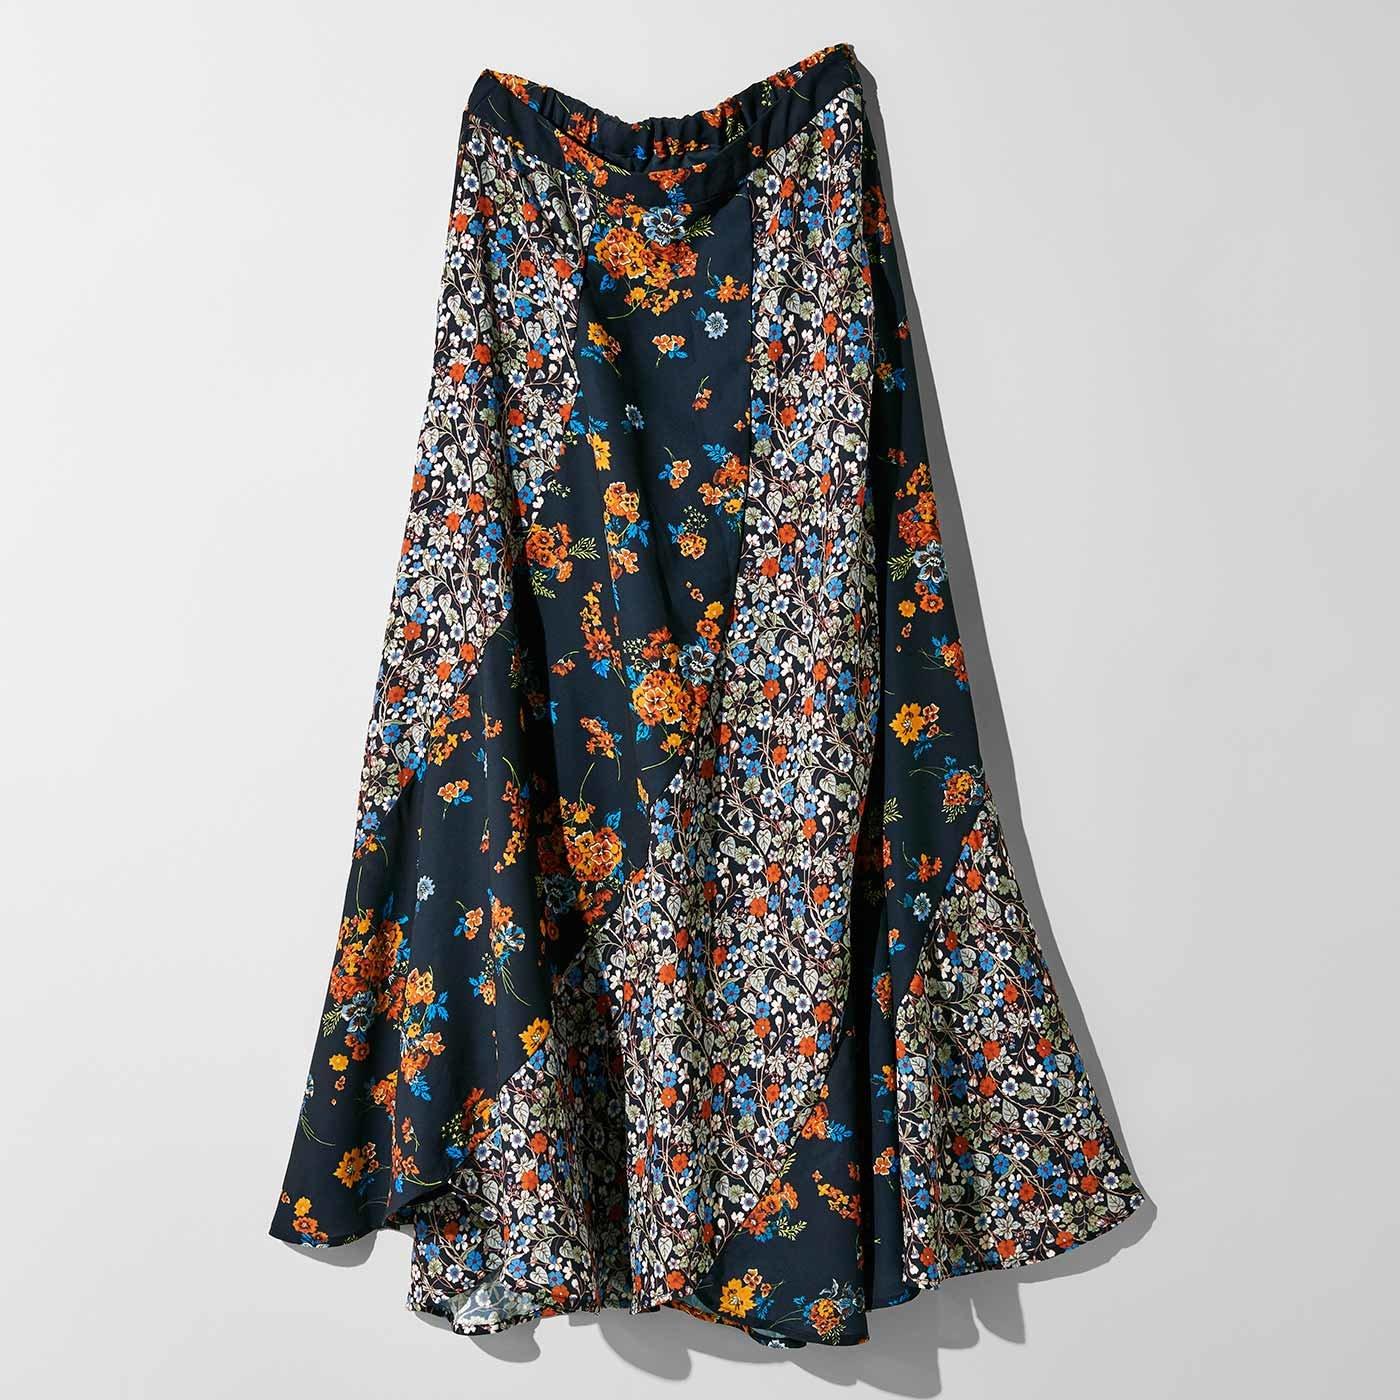 MEDE19F 「ミュルーズ染織美術館」アーカイブコレクション ヴィンテージパターンプリント切り替えスカート〈ネイビー〉